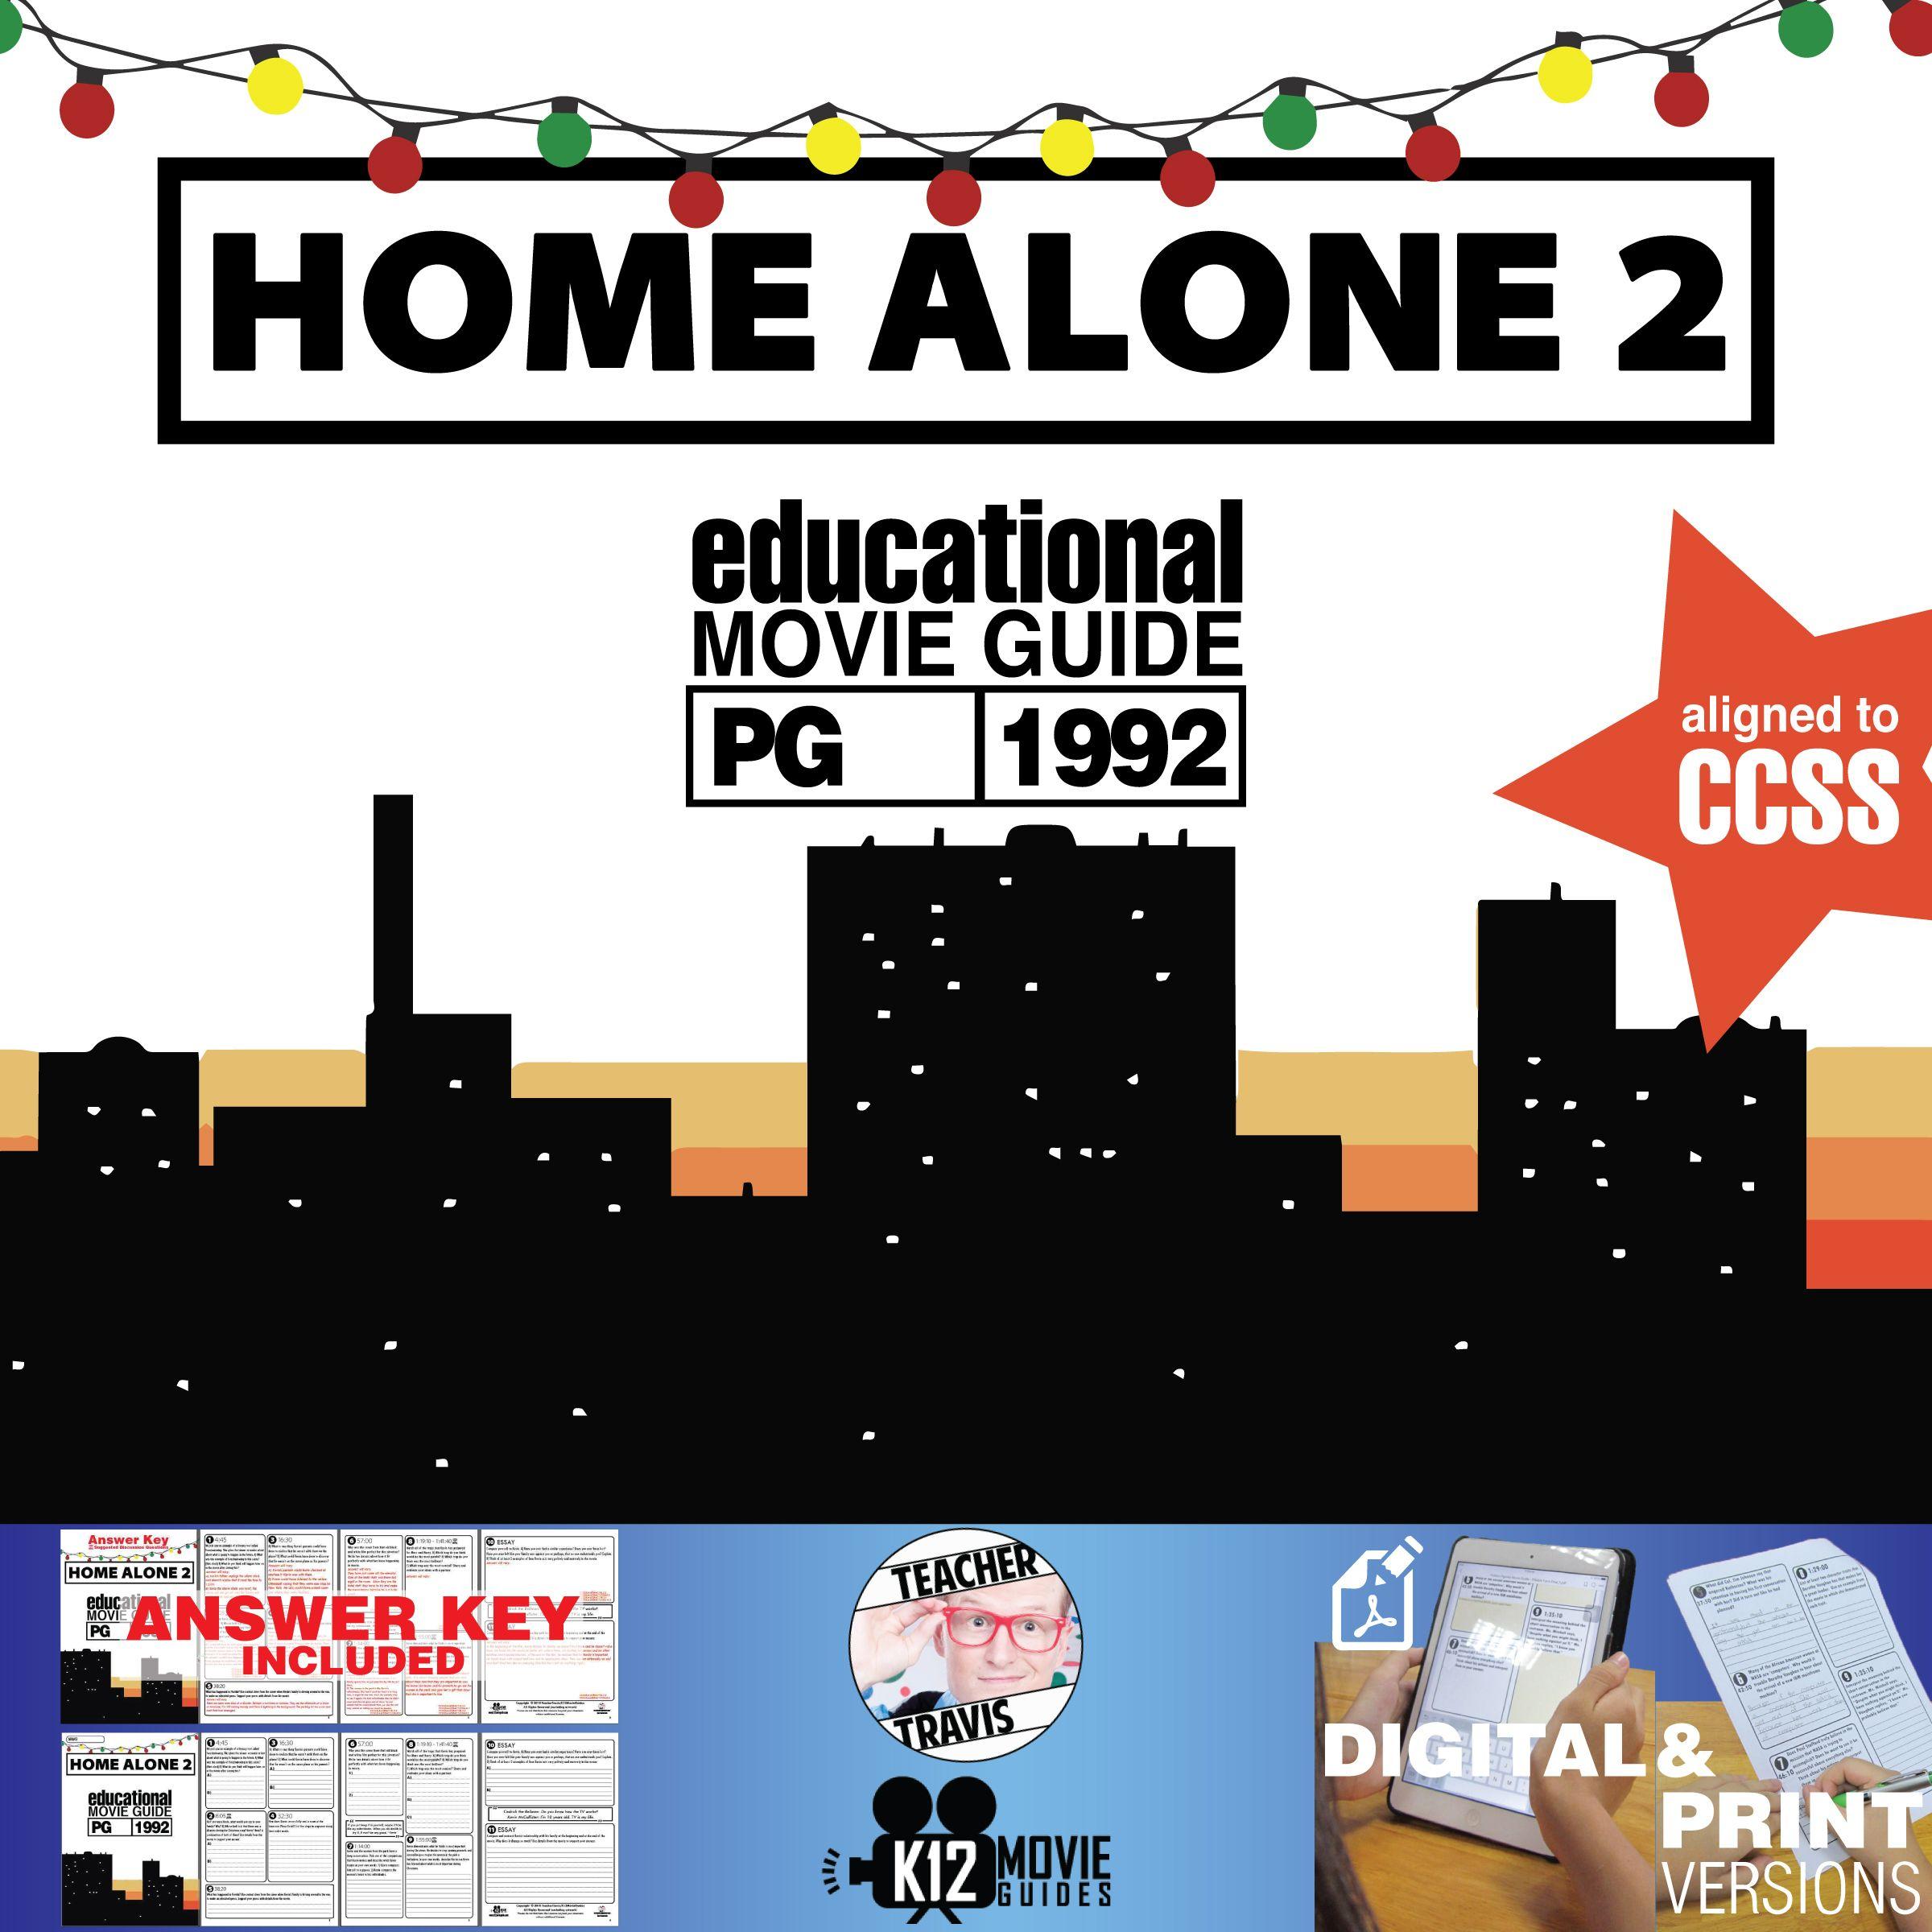 Home Alone 2 Movie Guide